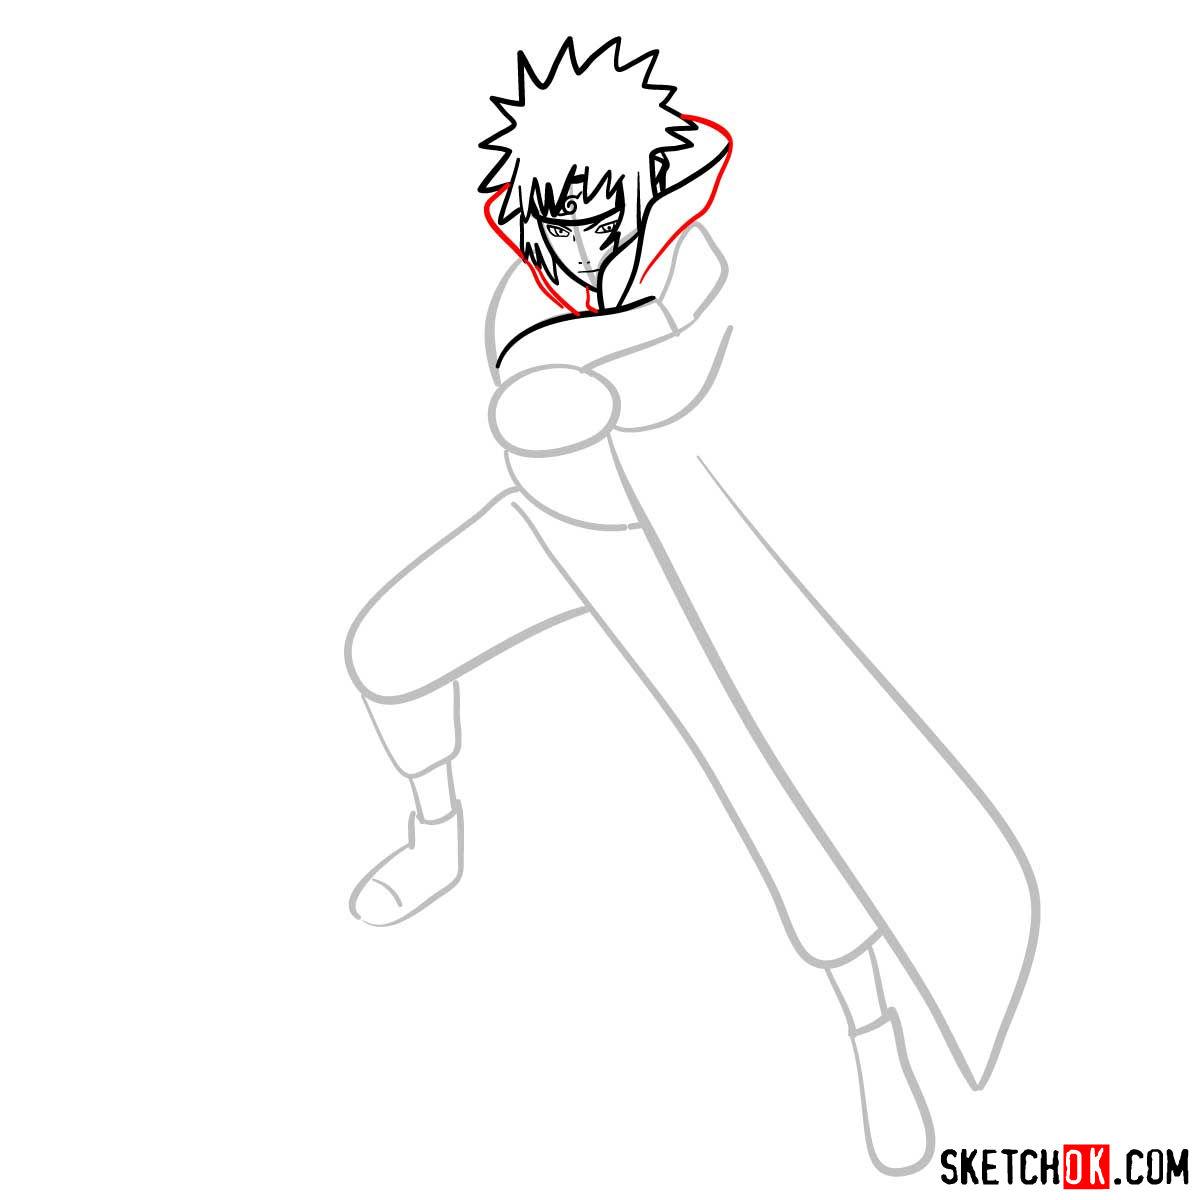 How to draw Minato Namikaze from Naruto anime - step 07